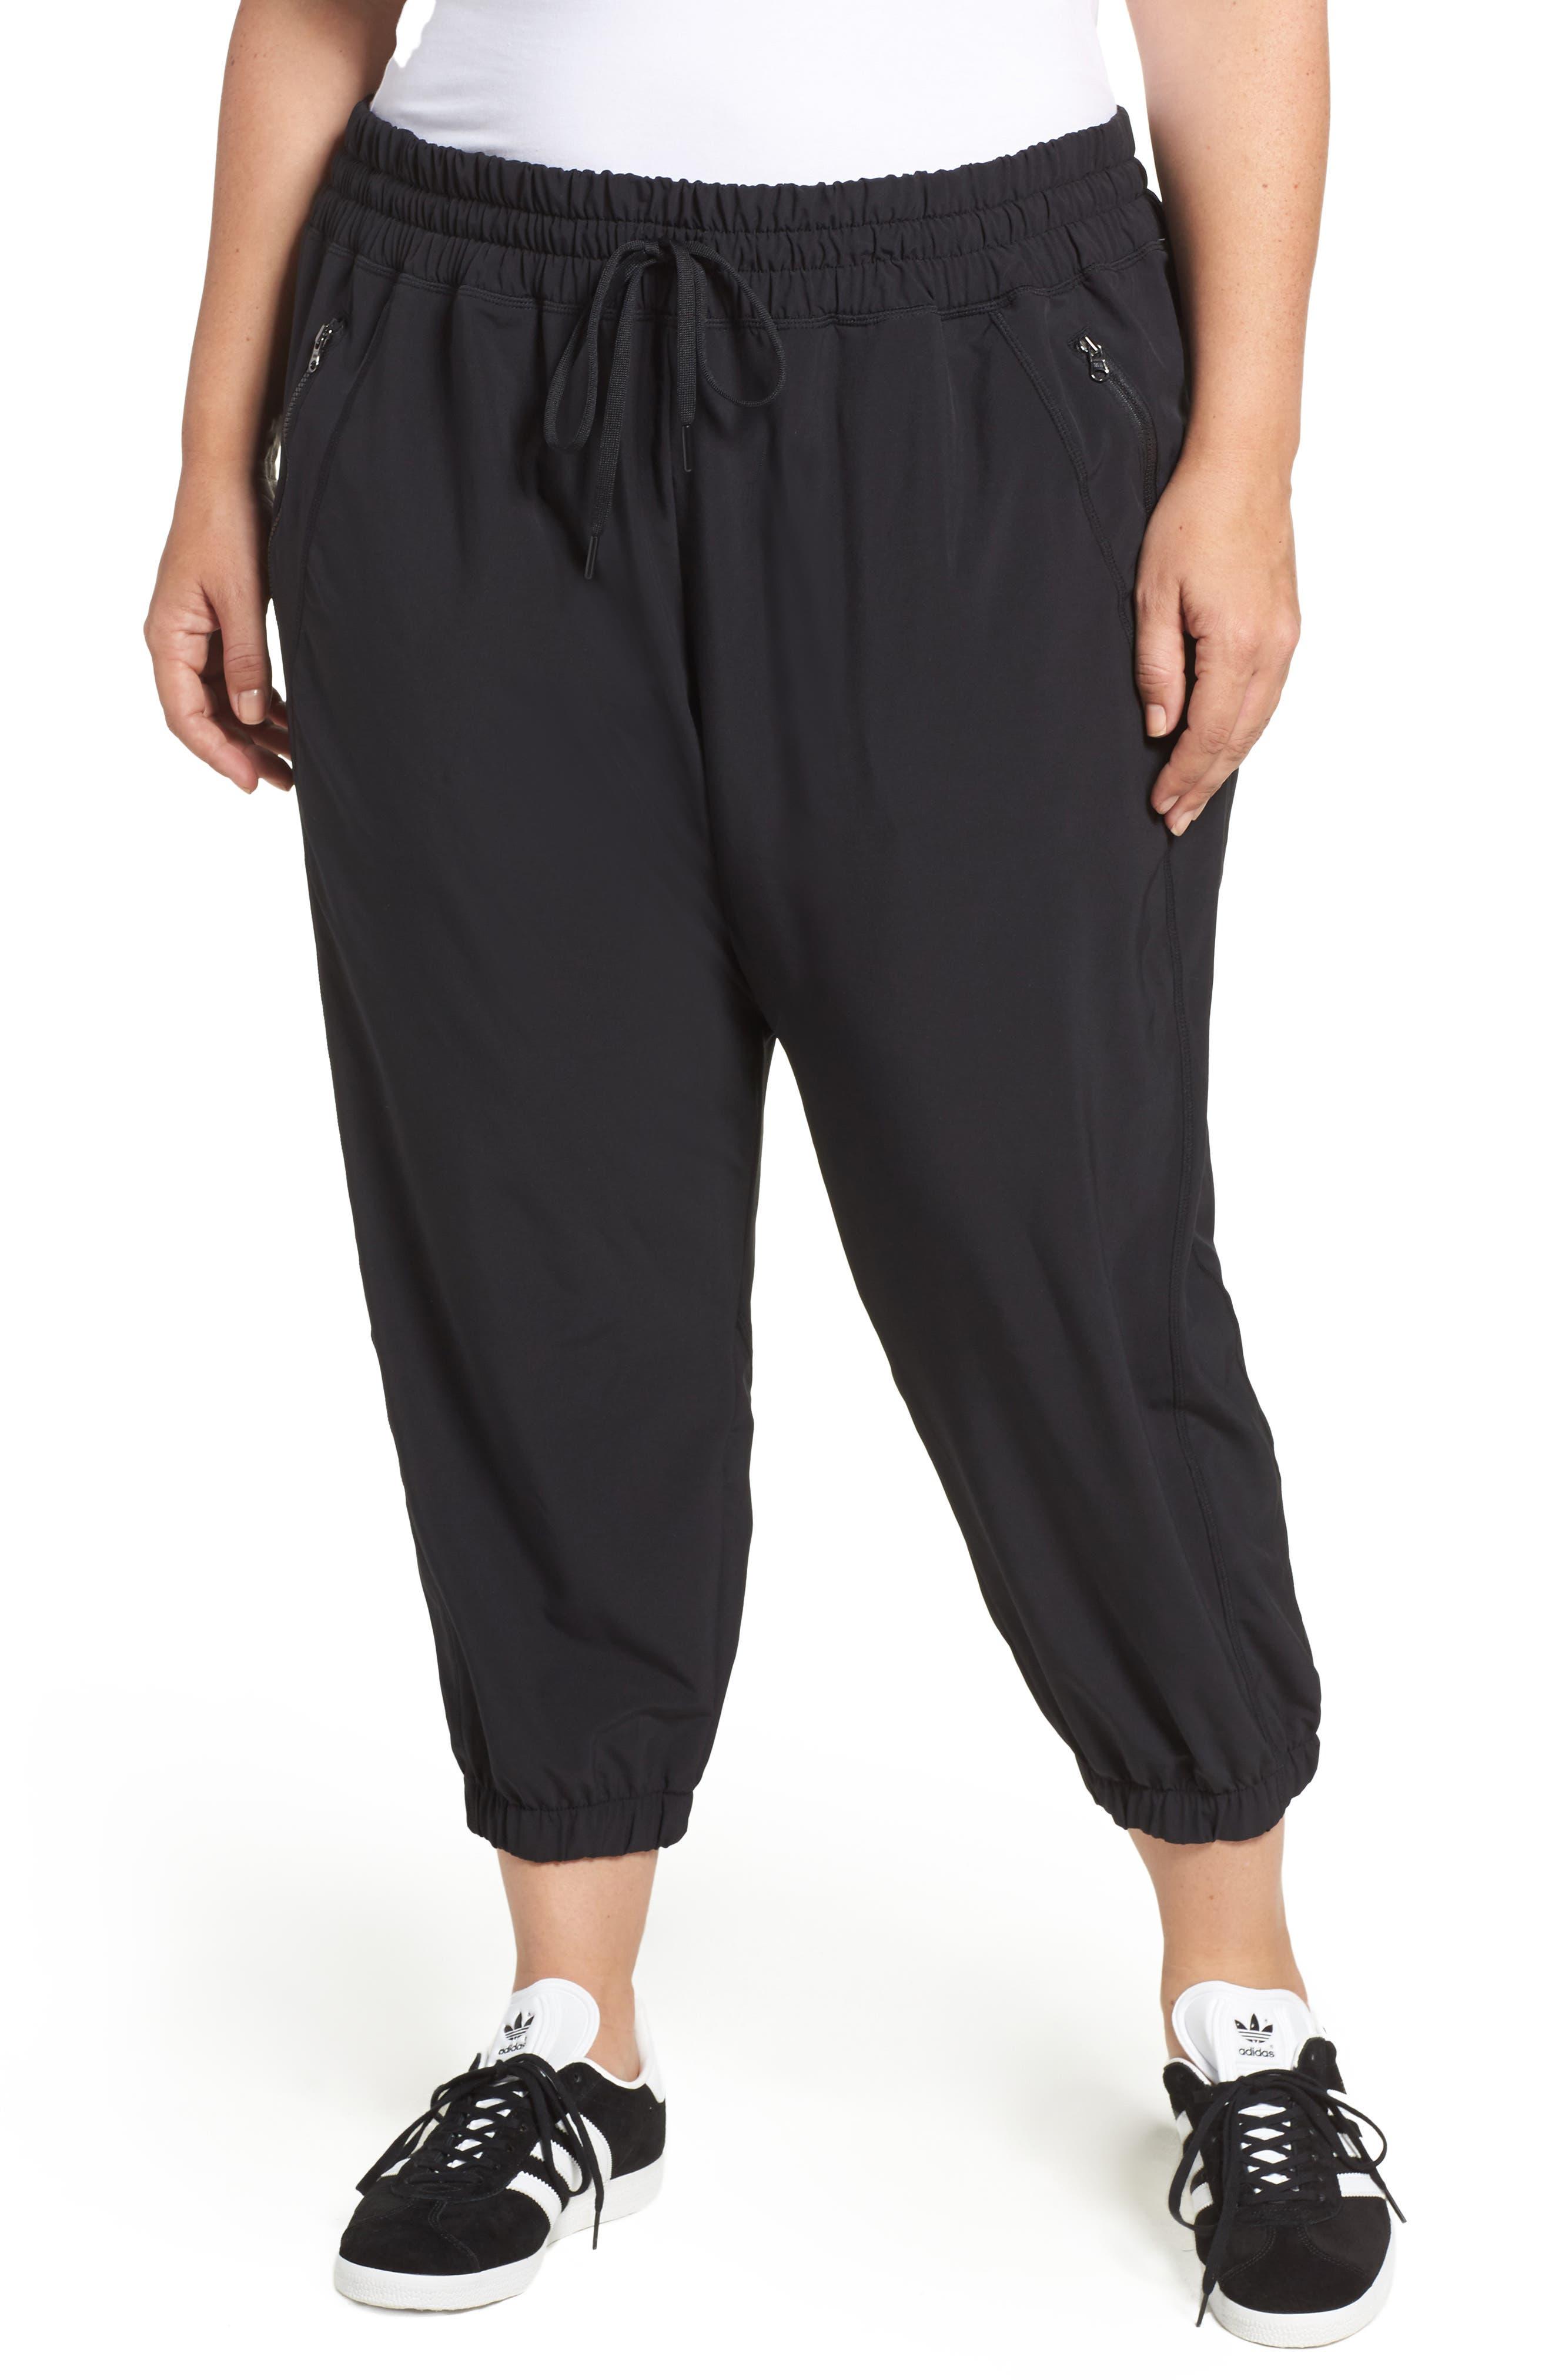 Main Image - Zella Out & About 2 Crop Pants (Plus Size)